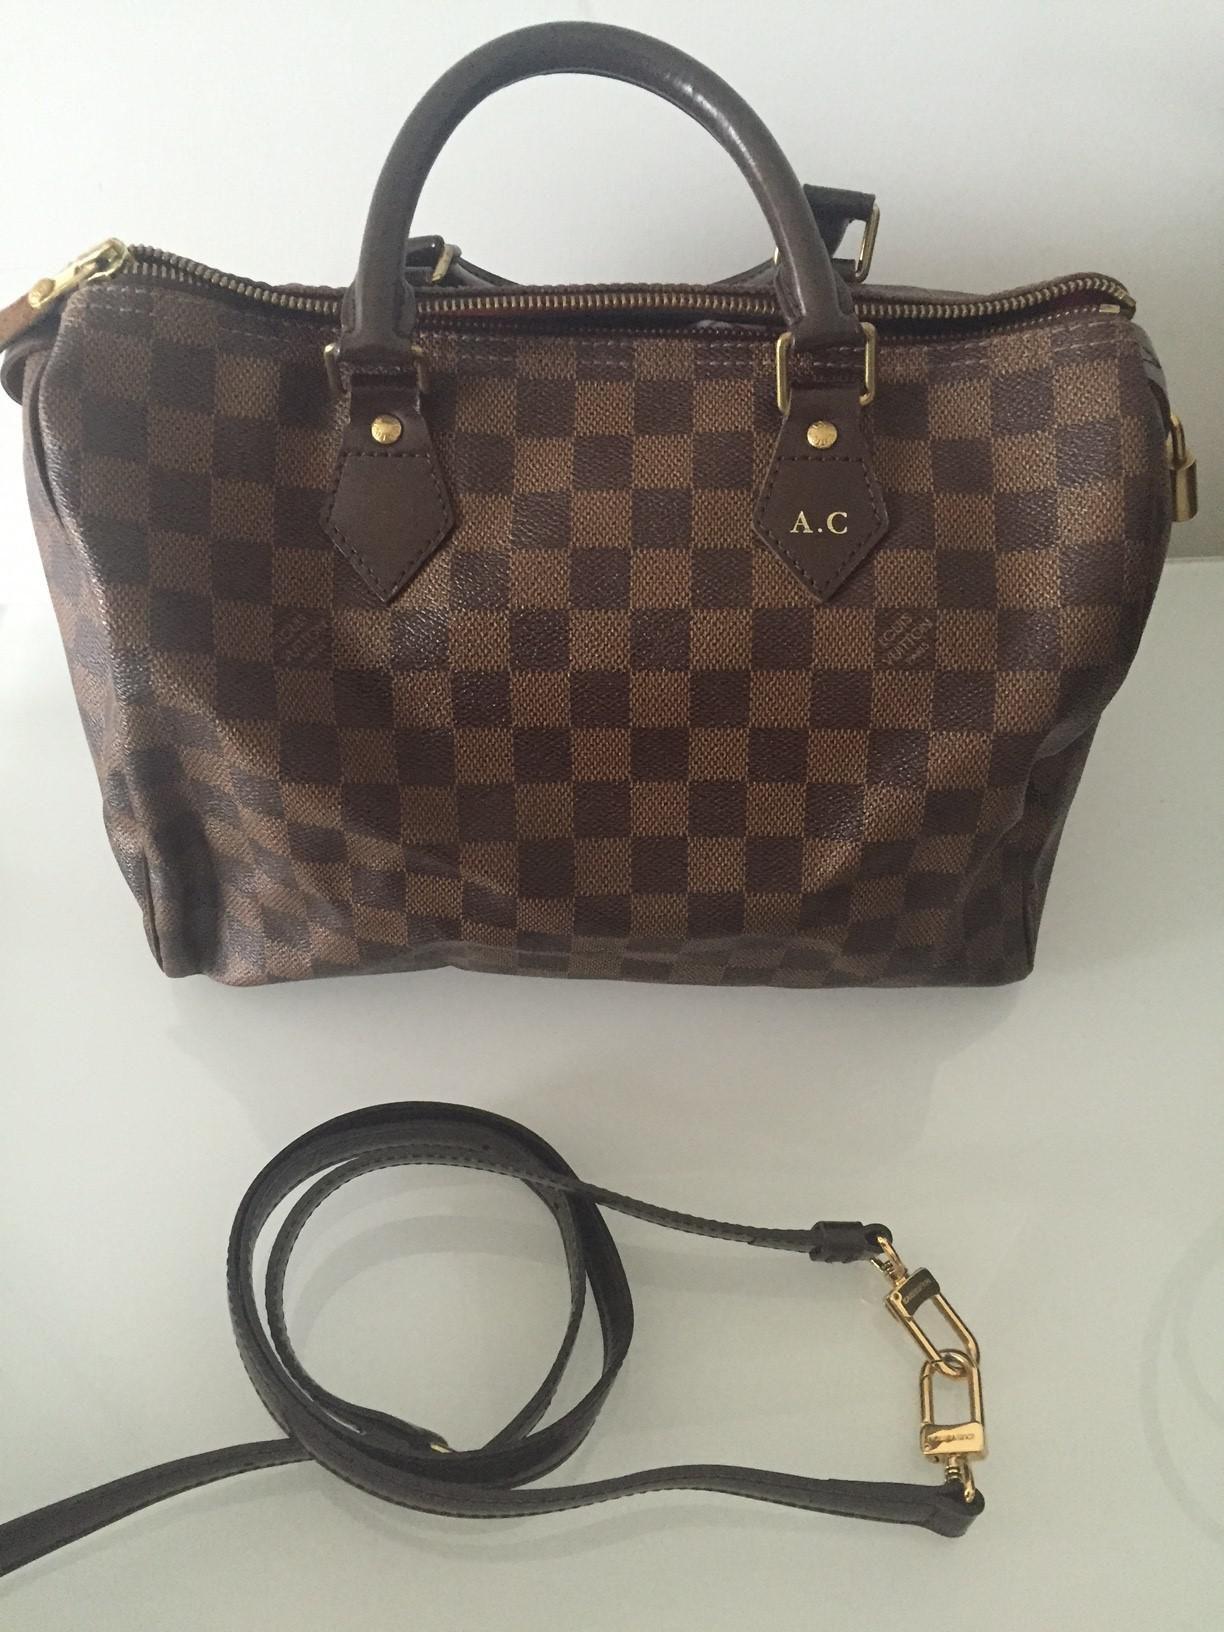 c7c03d83 Louis Vuitton -SPEEDY 30- Bag